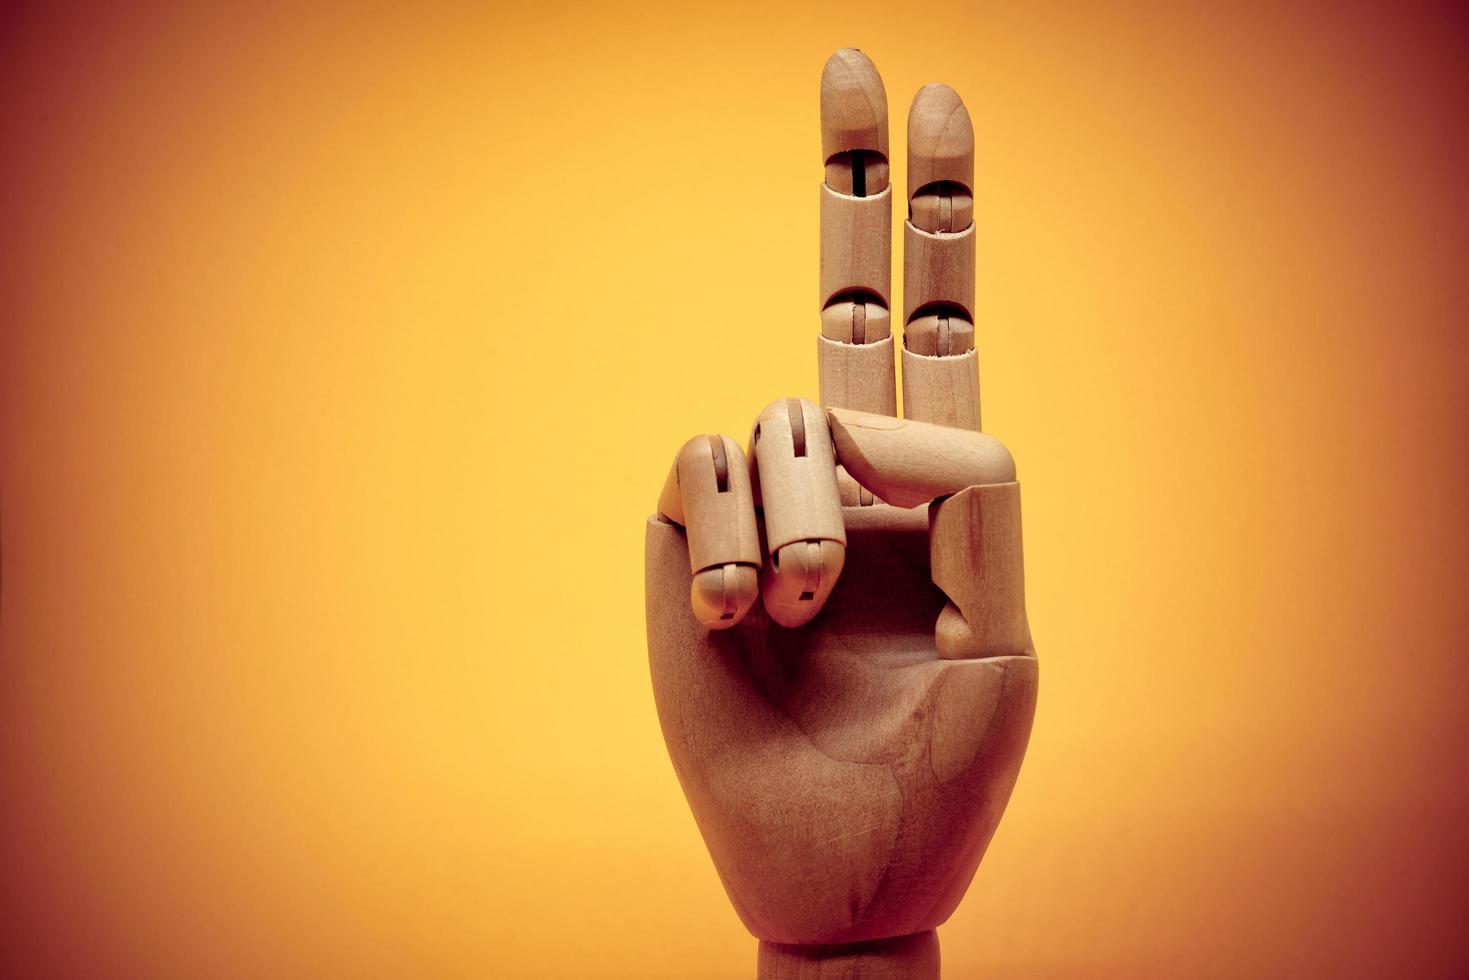 trähand som pekar uppåt två fingrar foto